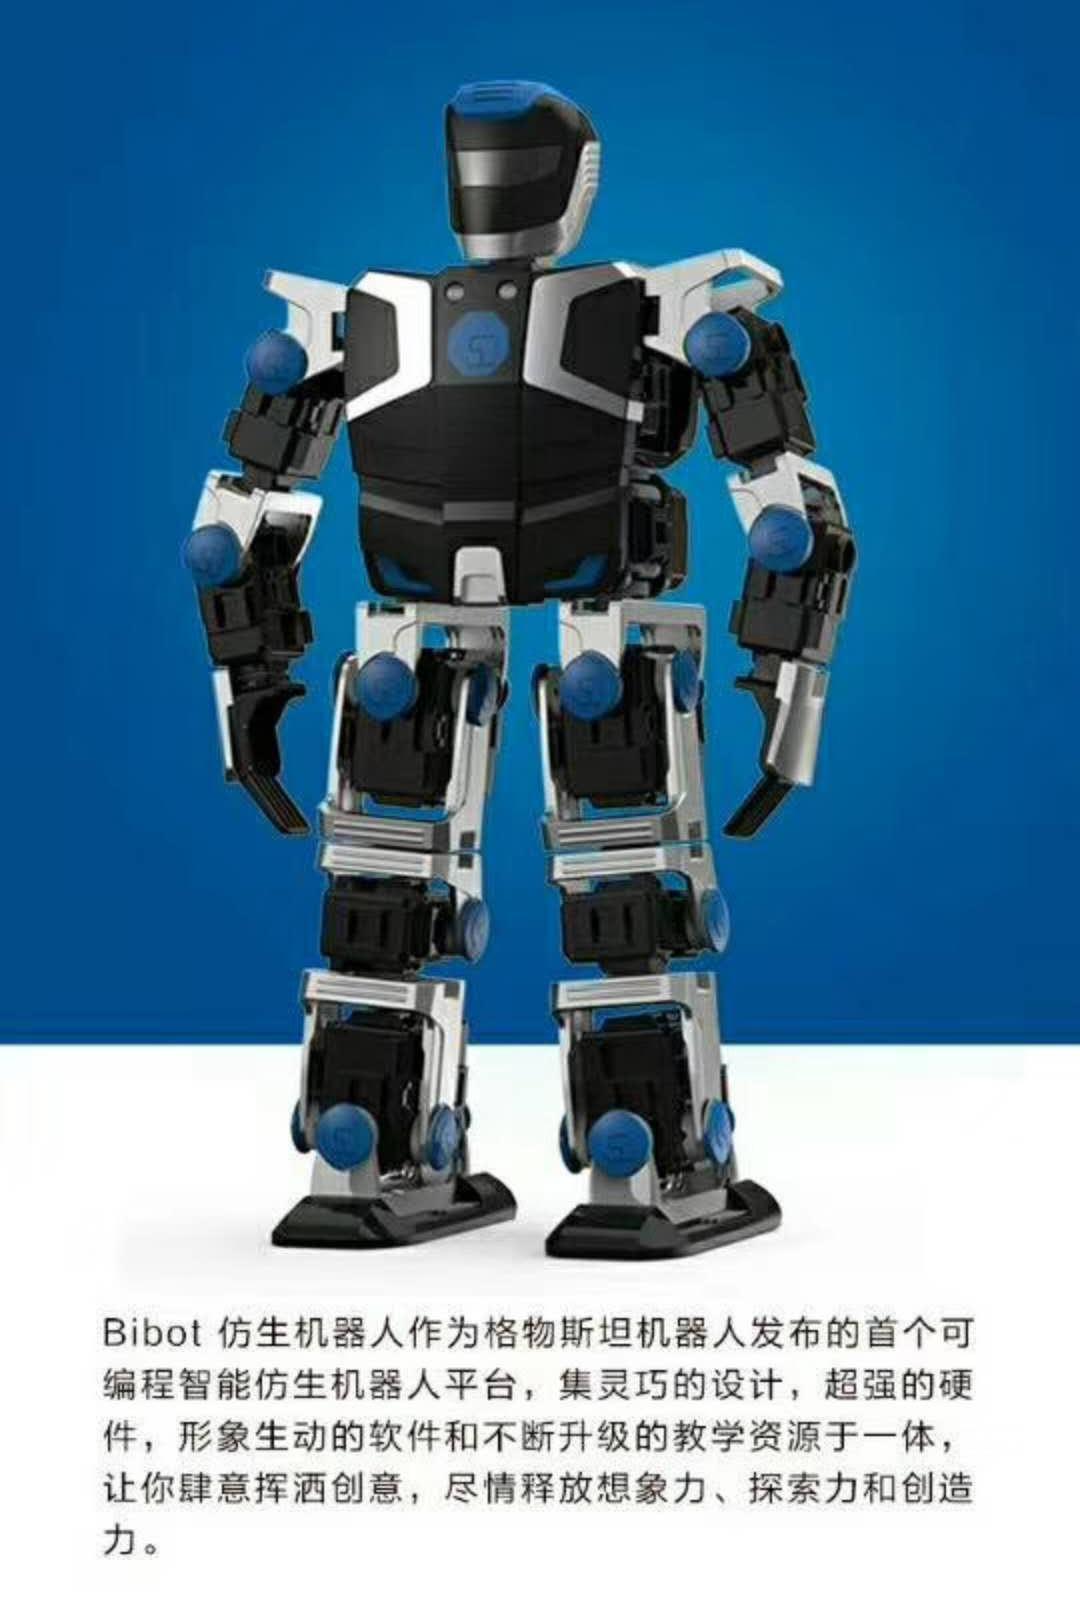 西湖格物斯坦机器人培训 Arduino金属开源机器人系列培训